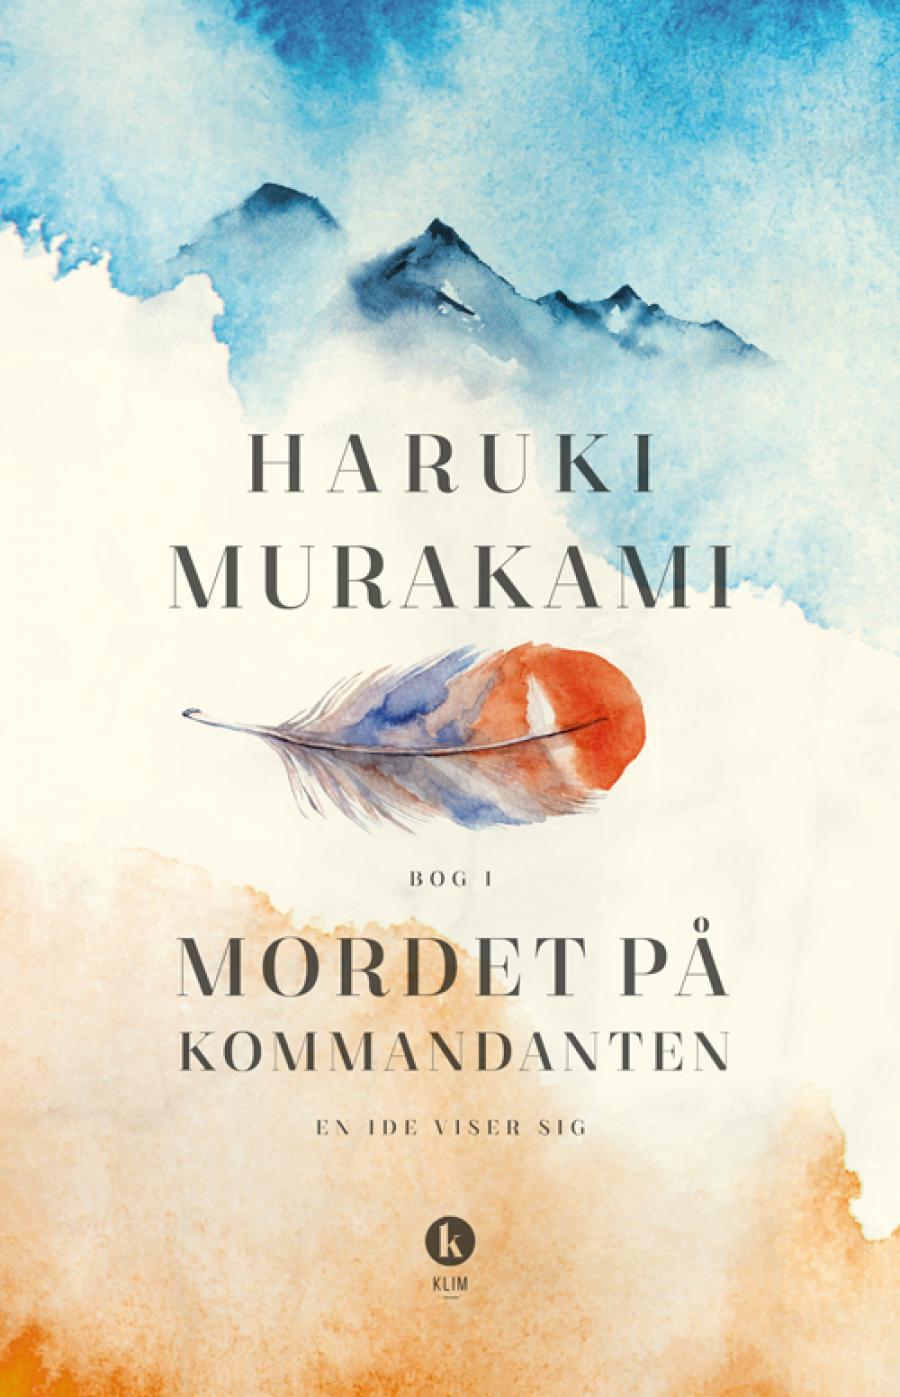 Forside til bogen Mordet på kommandanten - en ide viser sig af Haruki Murakami